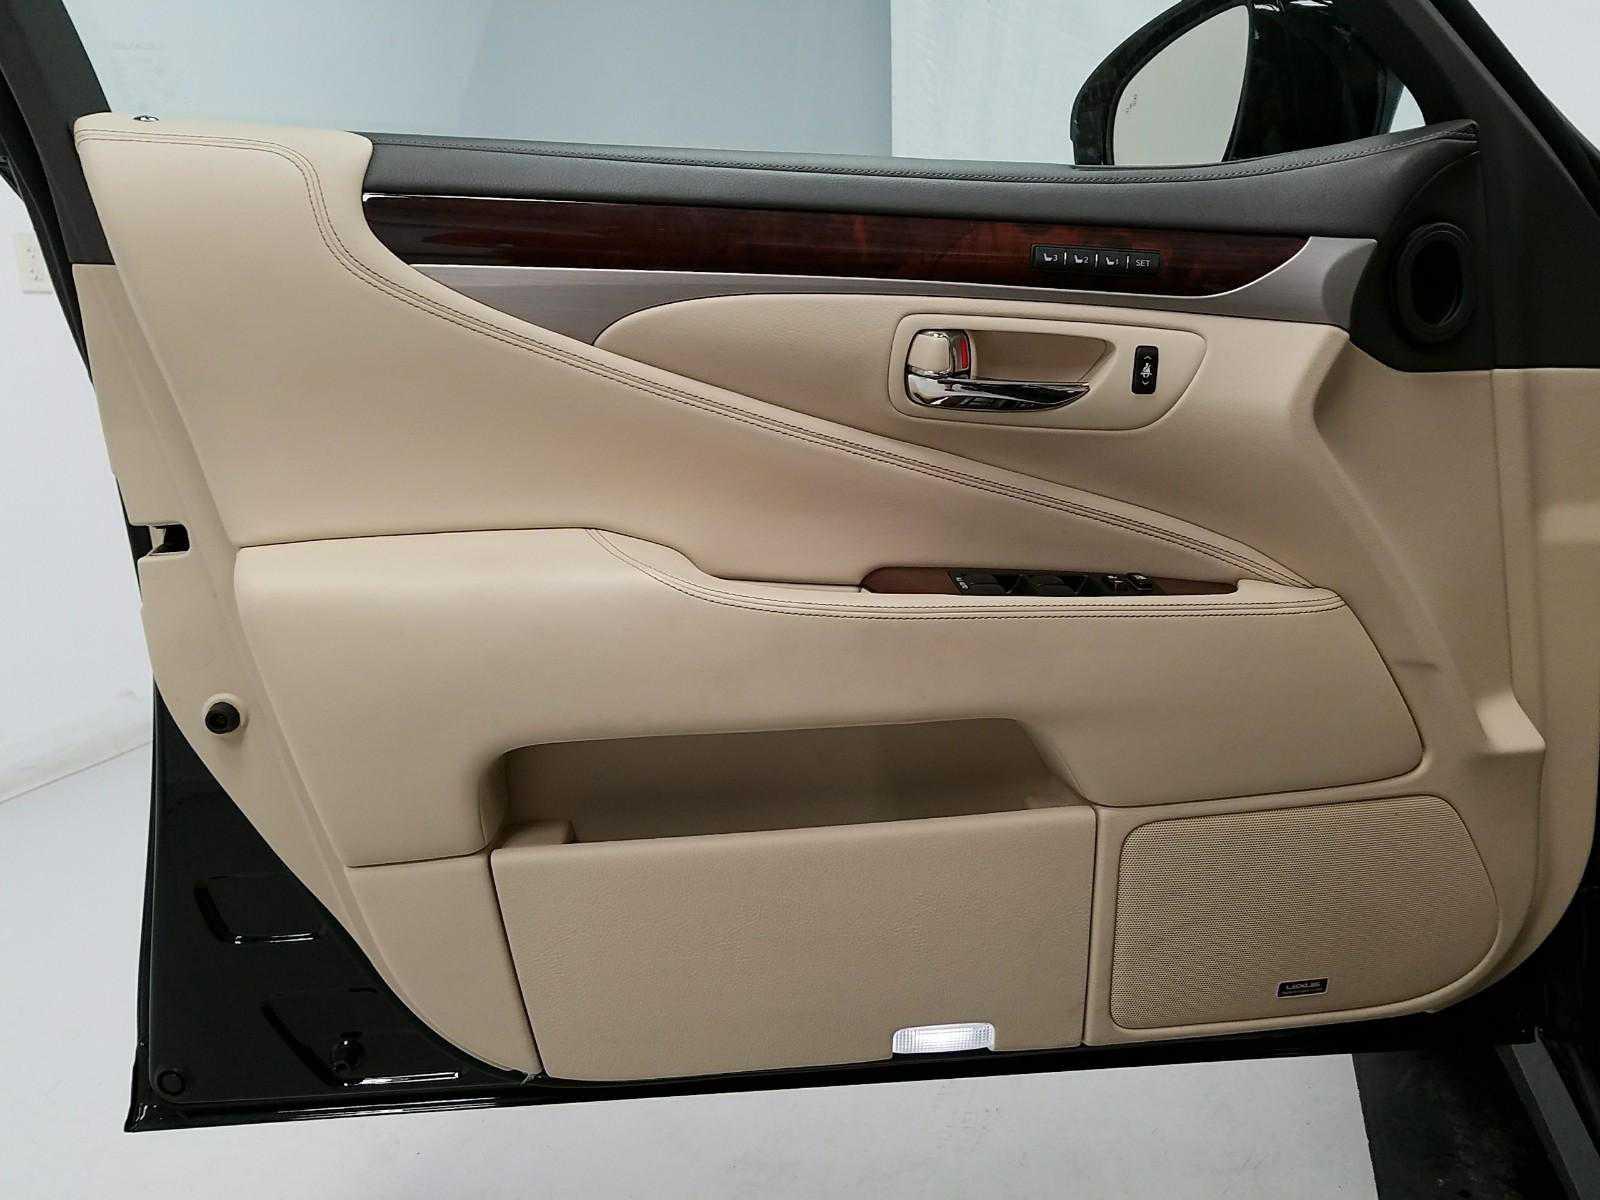 Lexus' driver's door